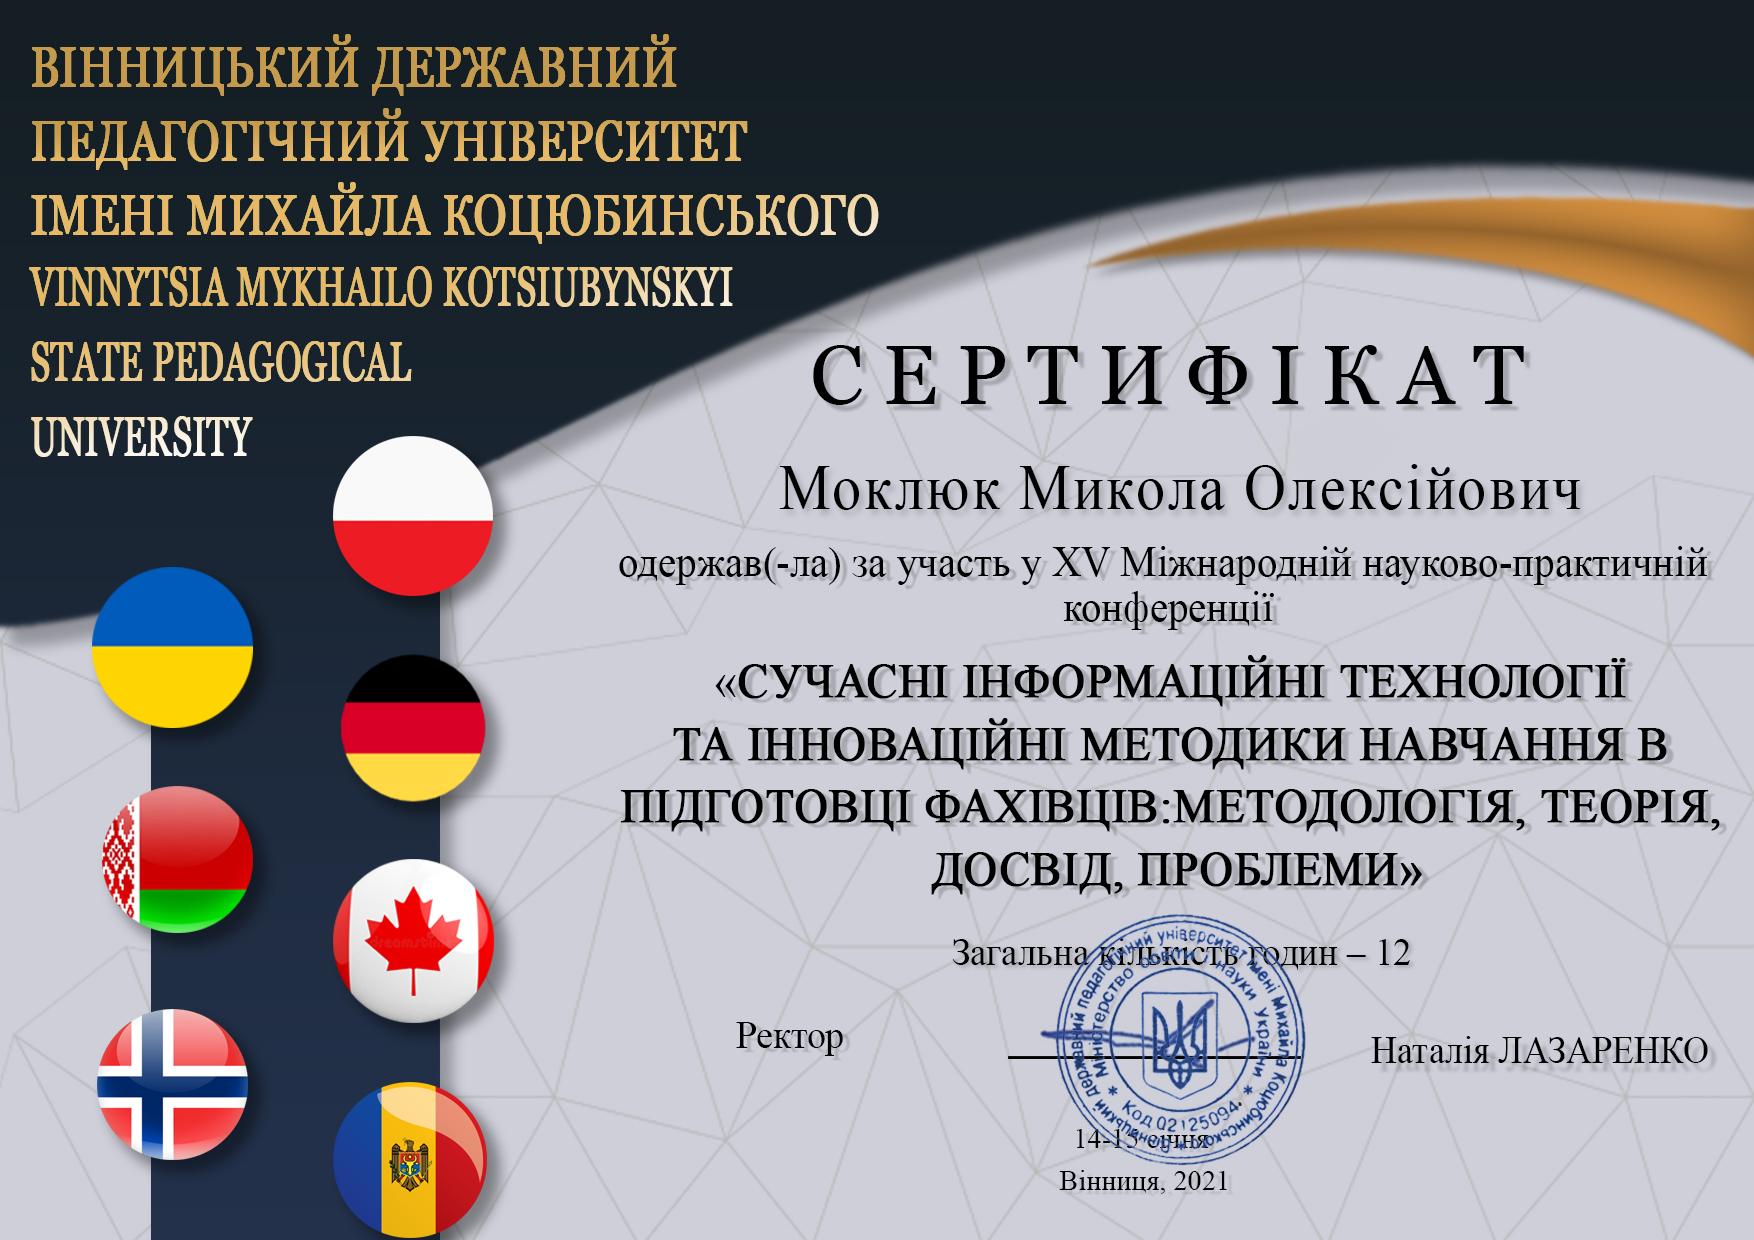 Моклюк Микола Олексійович